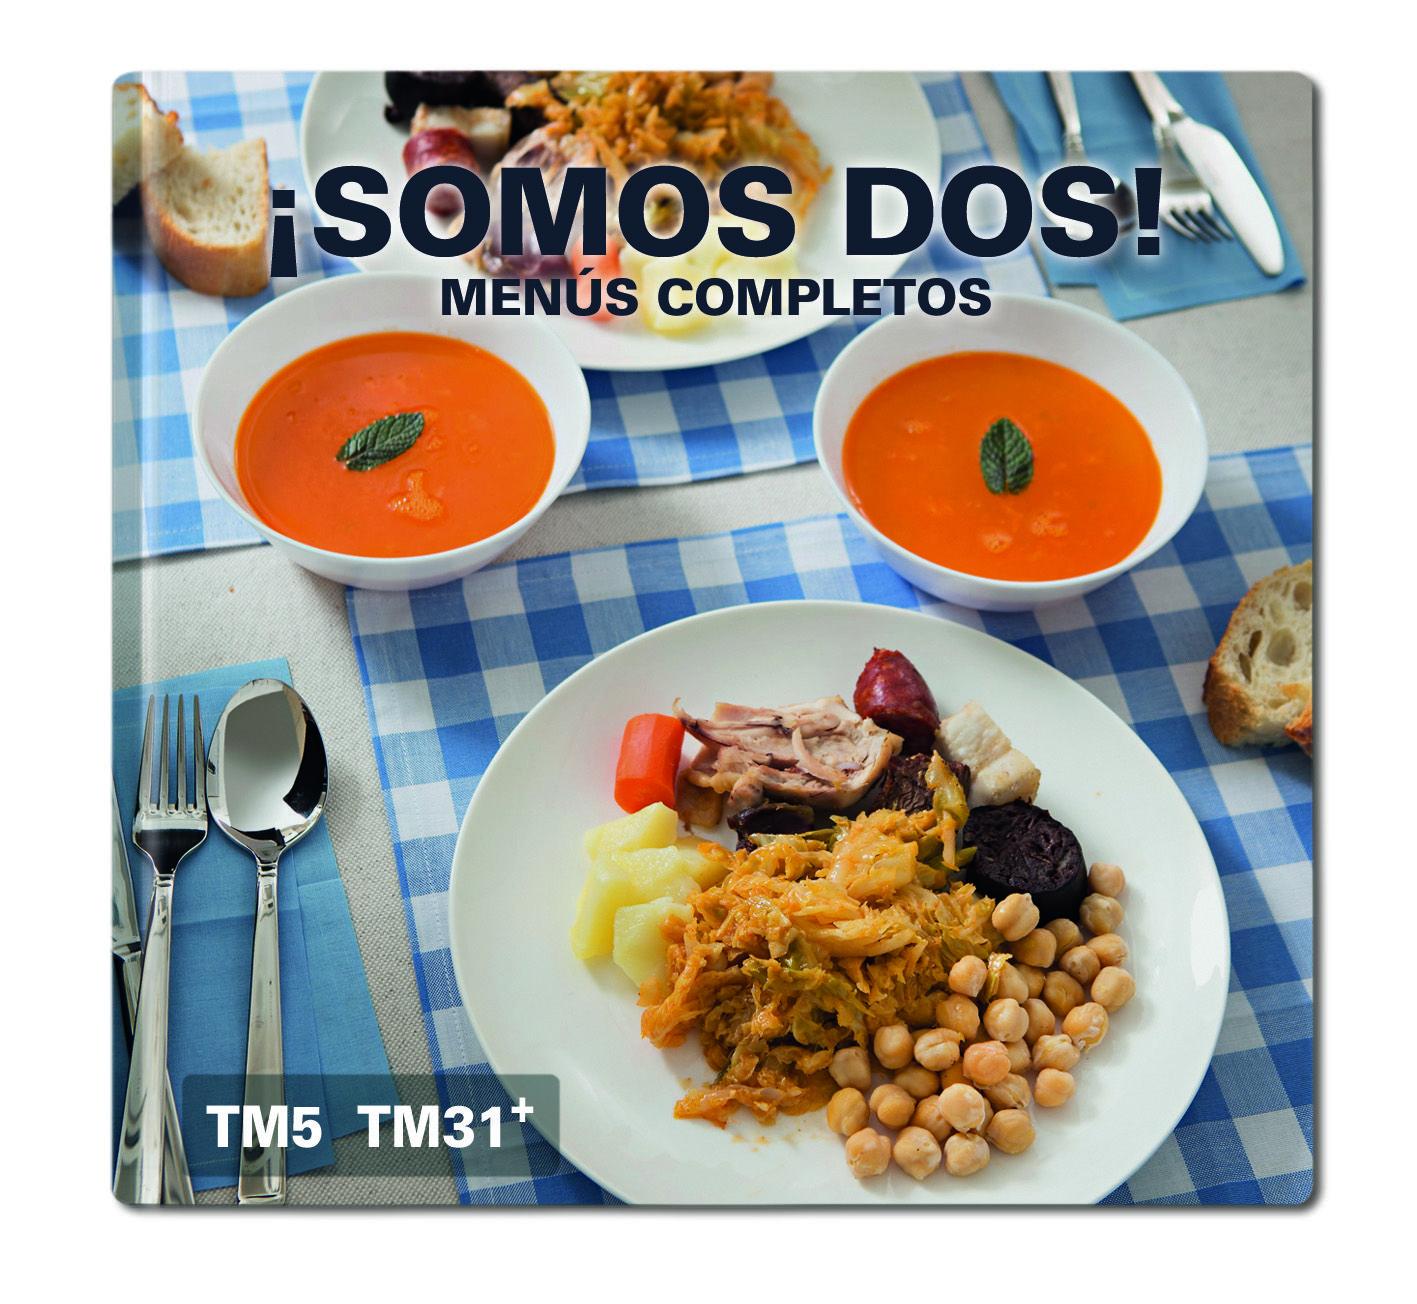 Nueva Coleccion De Recetas Somos Dos Menus Completos El Blog Oficial De Thermomix Espana Libro De Cocina Menu Recetas